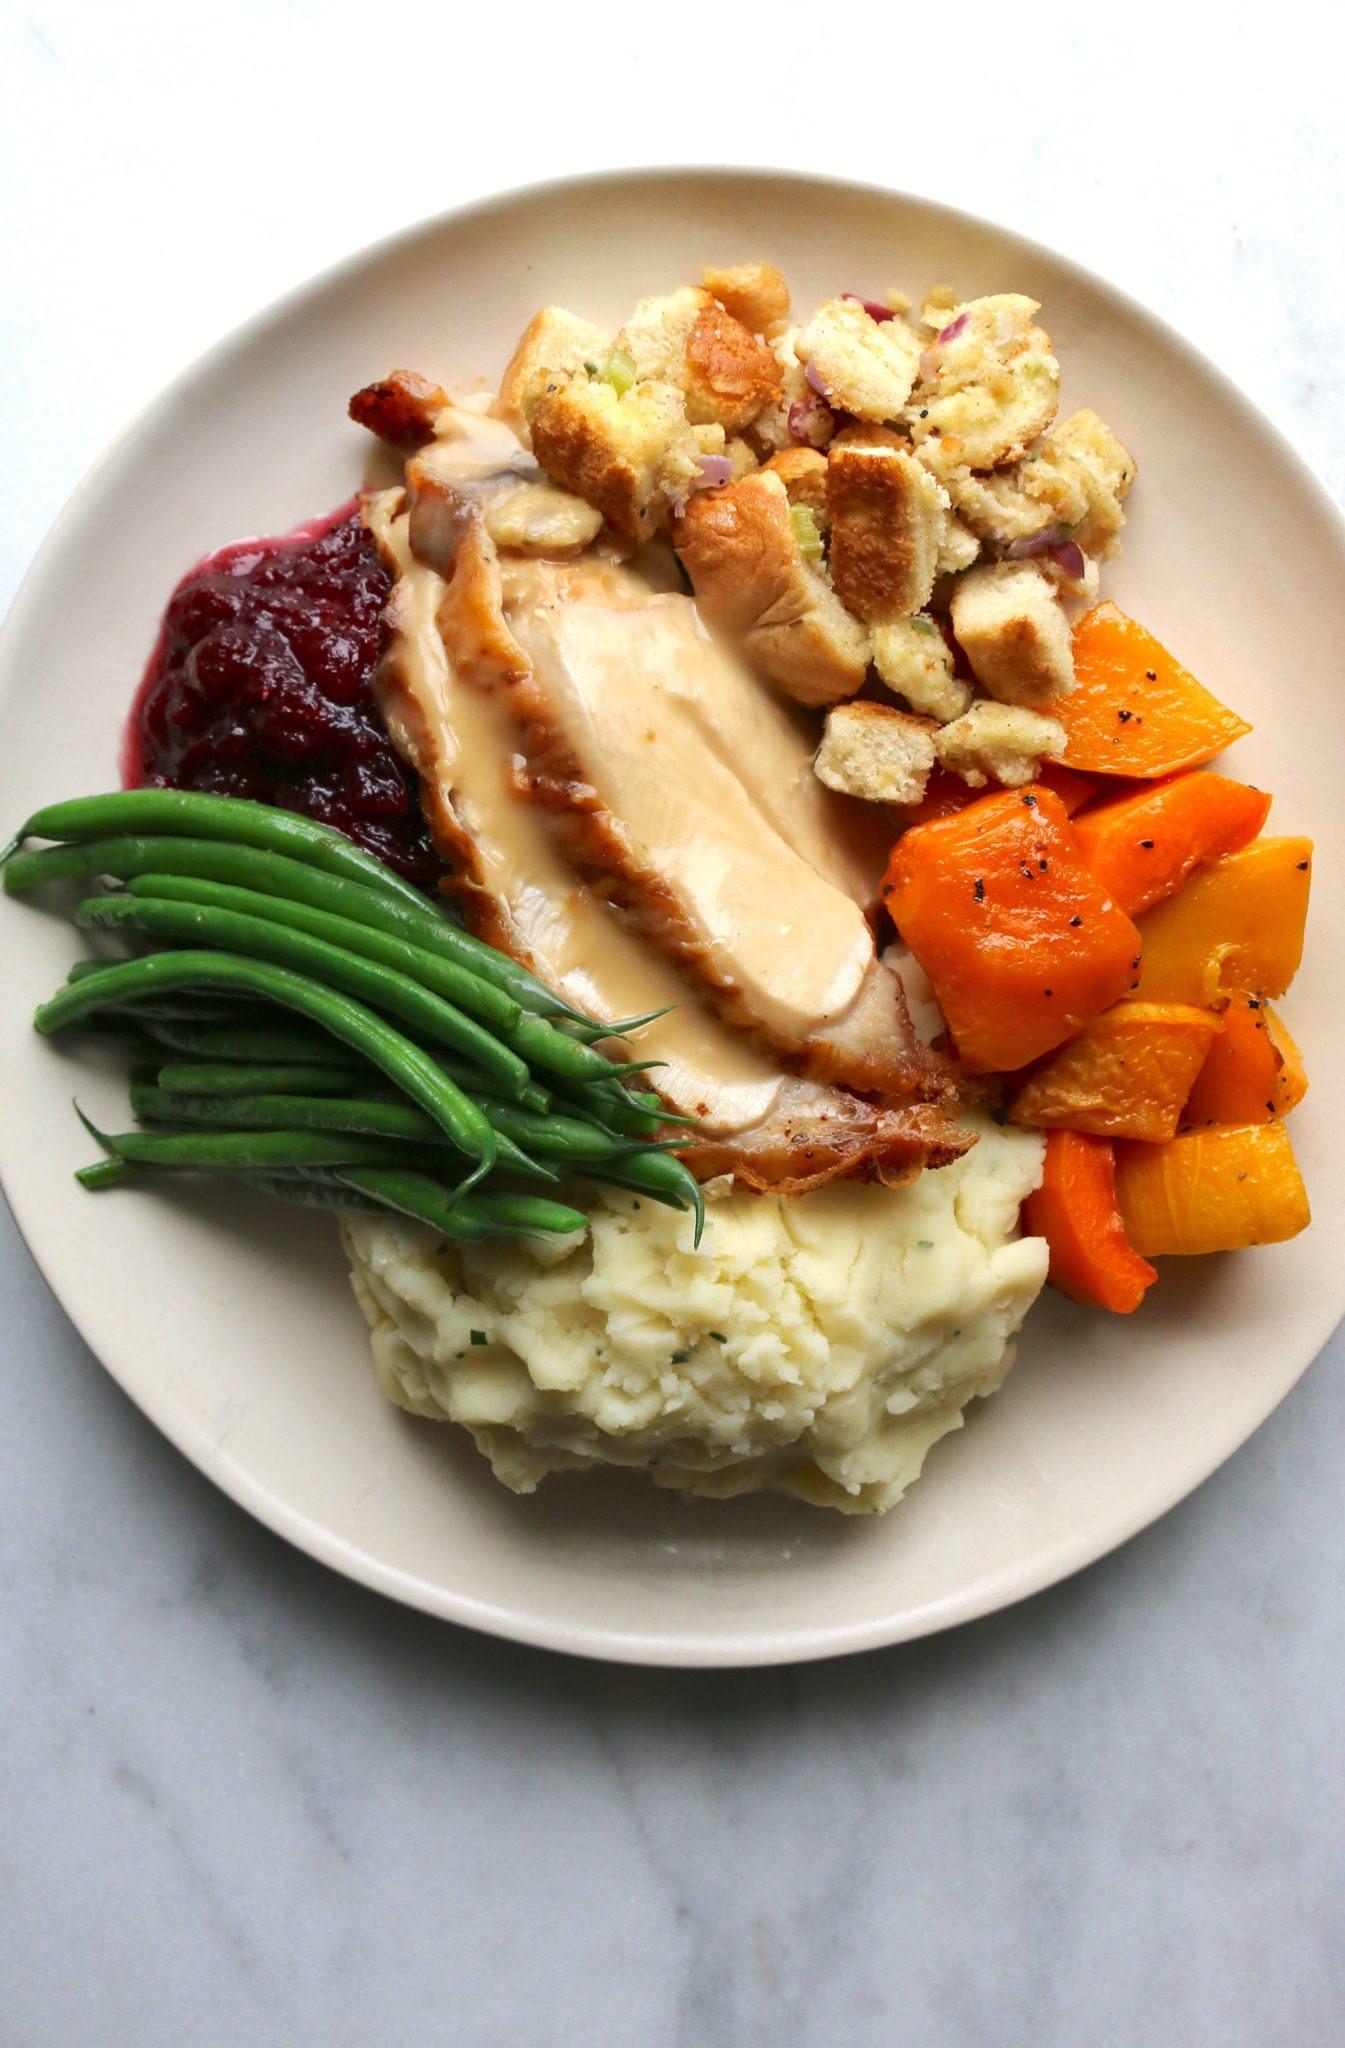 Thanksgiving Dinner For One  Turkey Dinner Summerhill Market